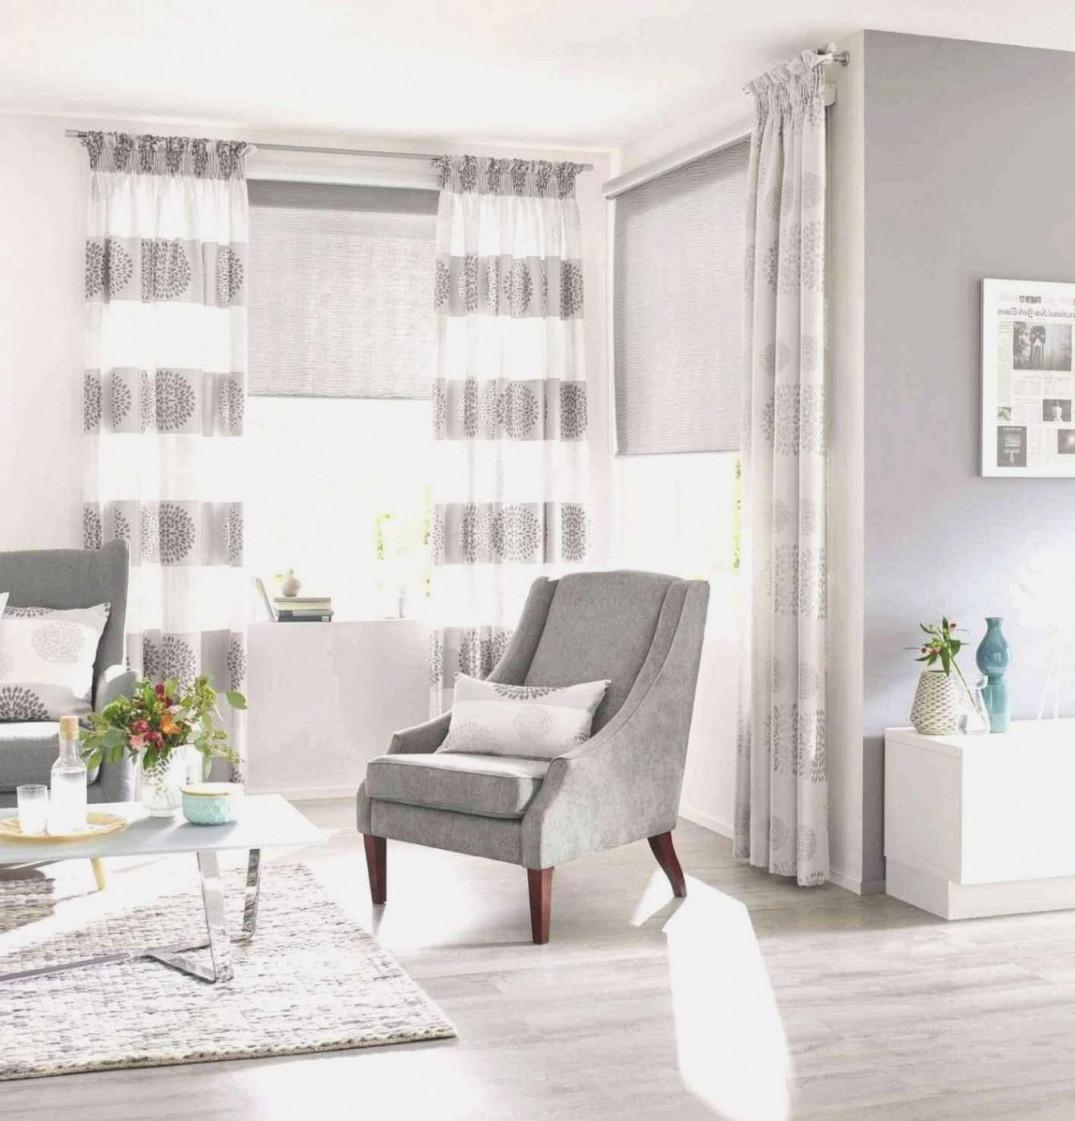 36 Elegant Wohnzimmer Vorhang Einzigartig  Wohnzimmer Frisch von Gardinen Weiß Wohnzimmer Photo